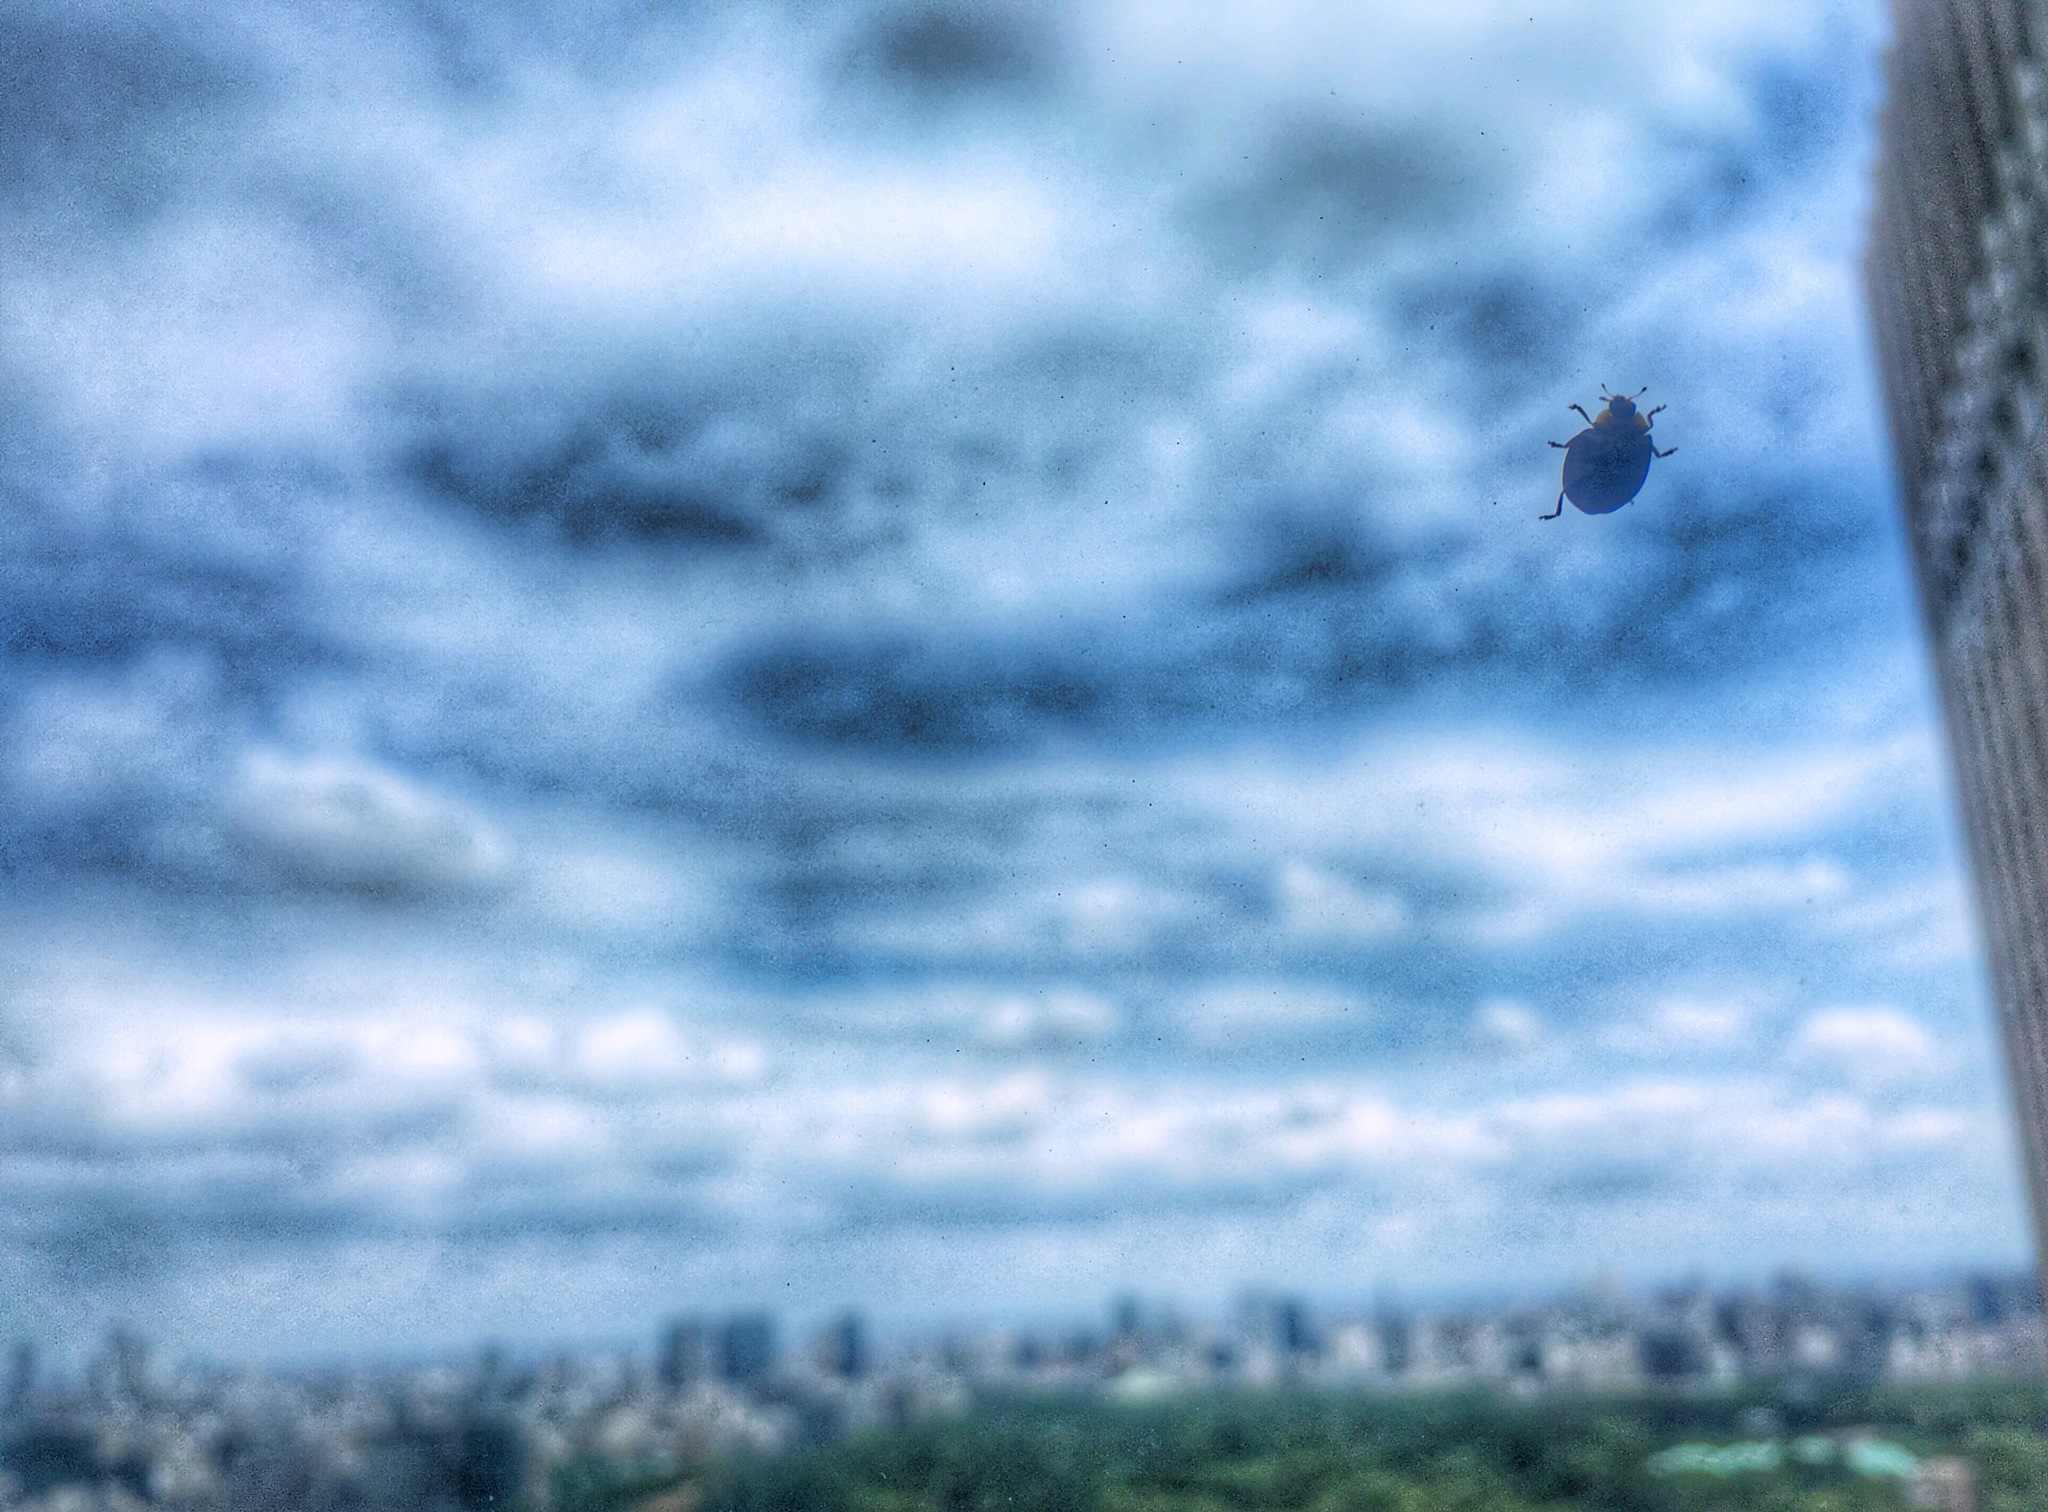 Ladybug in the sky  by Mimi Kozuki